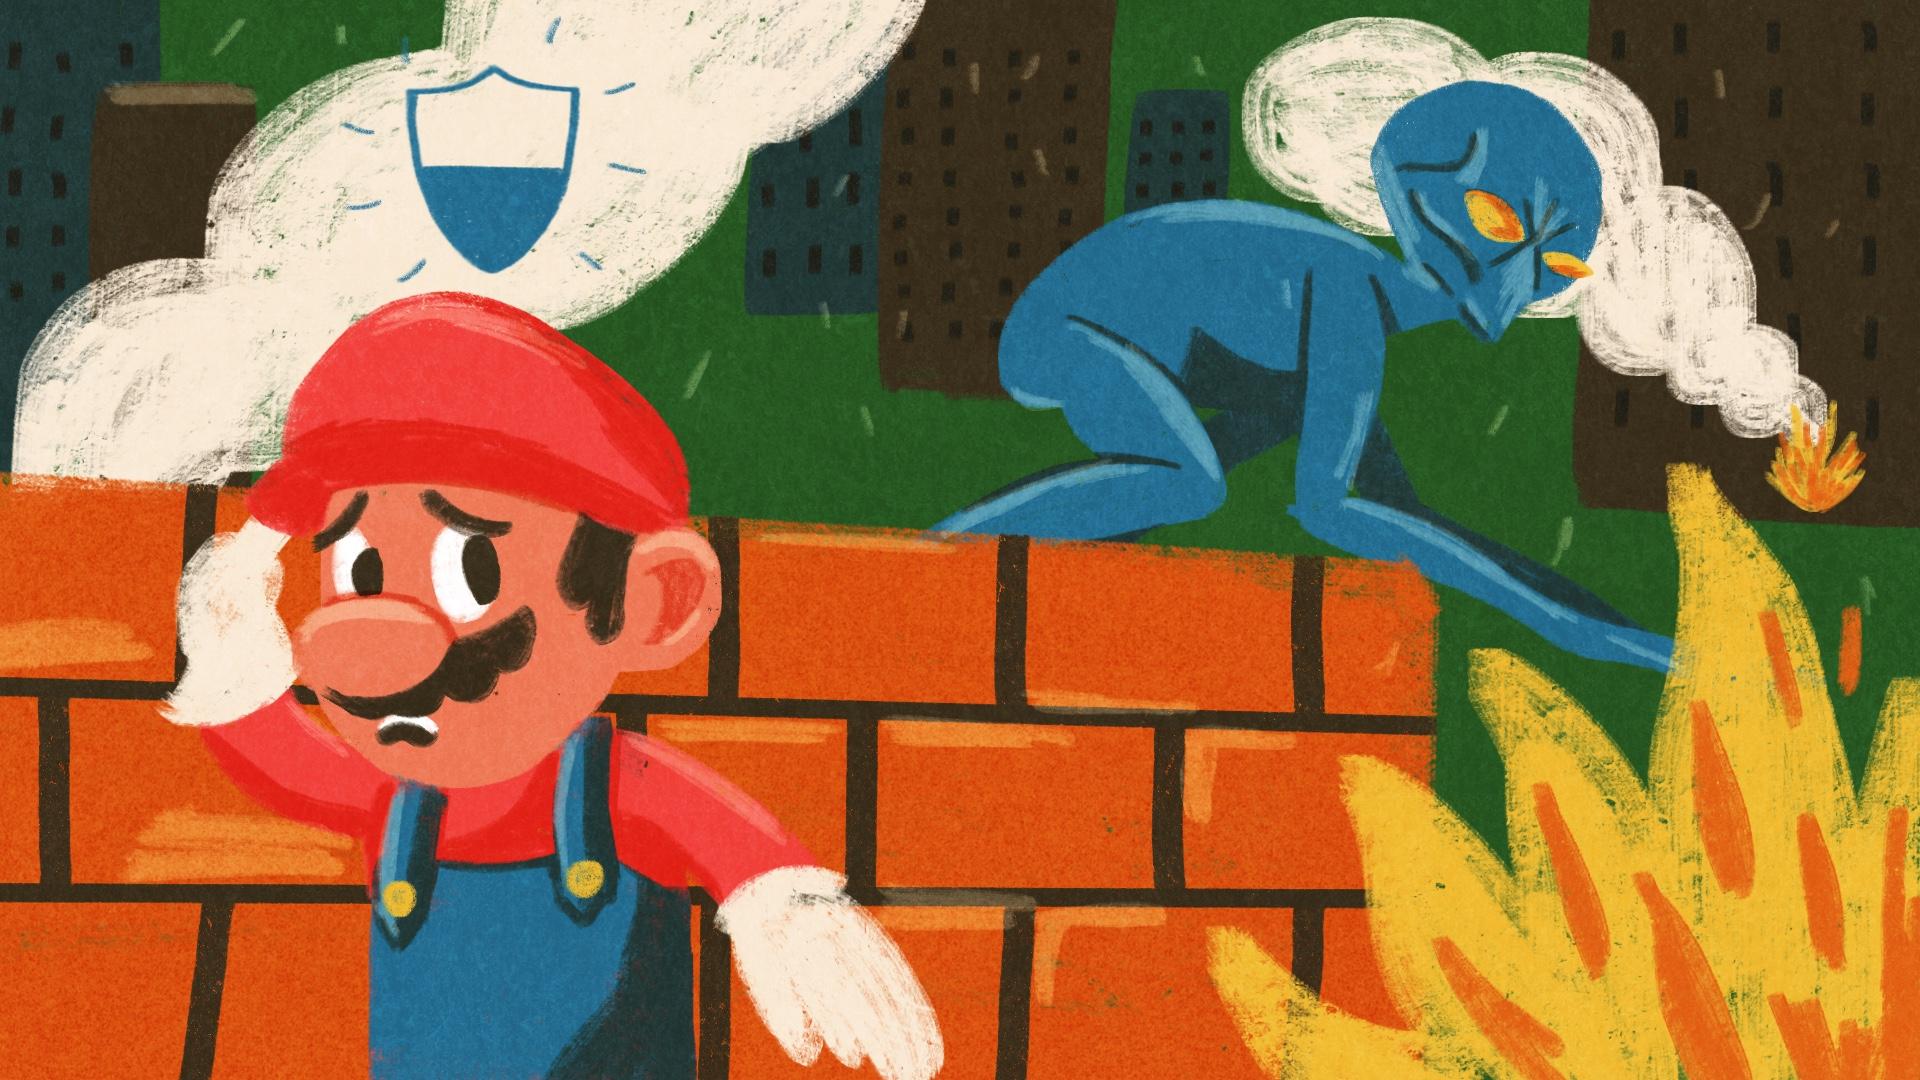 Mario battles an alien from XCOM